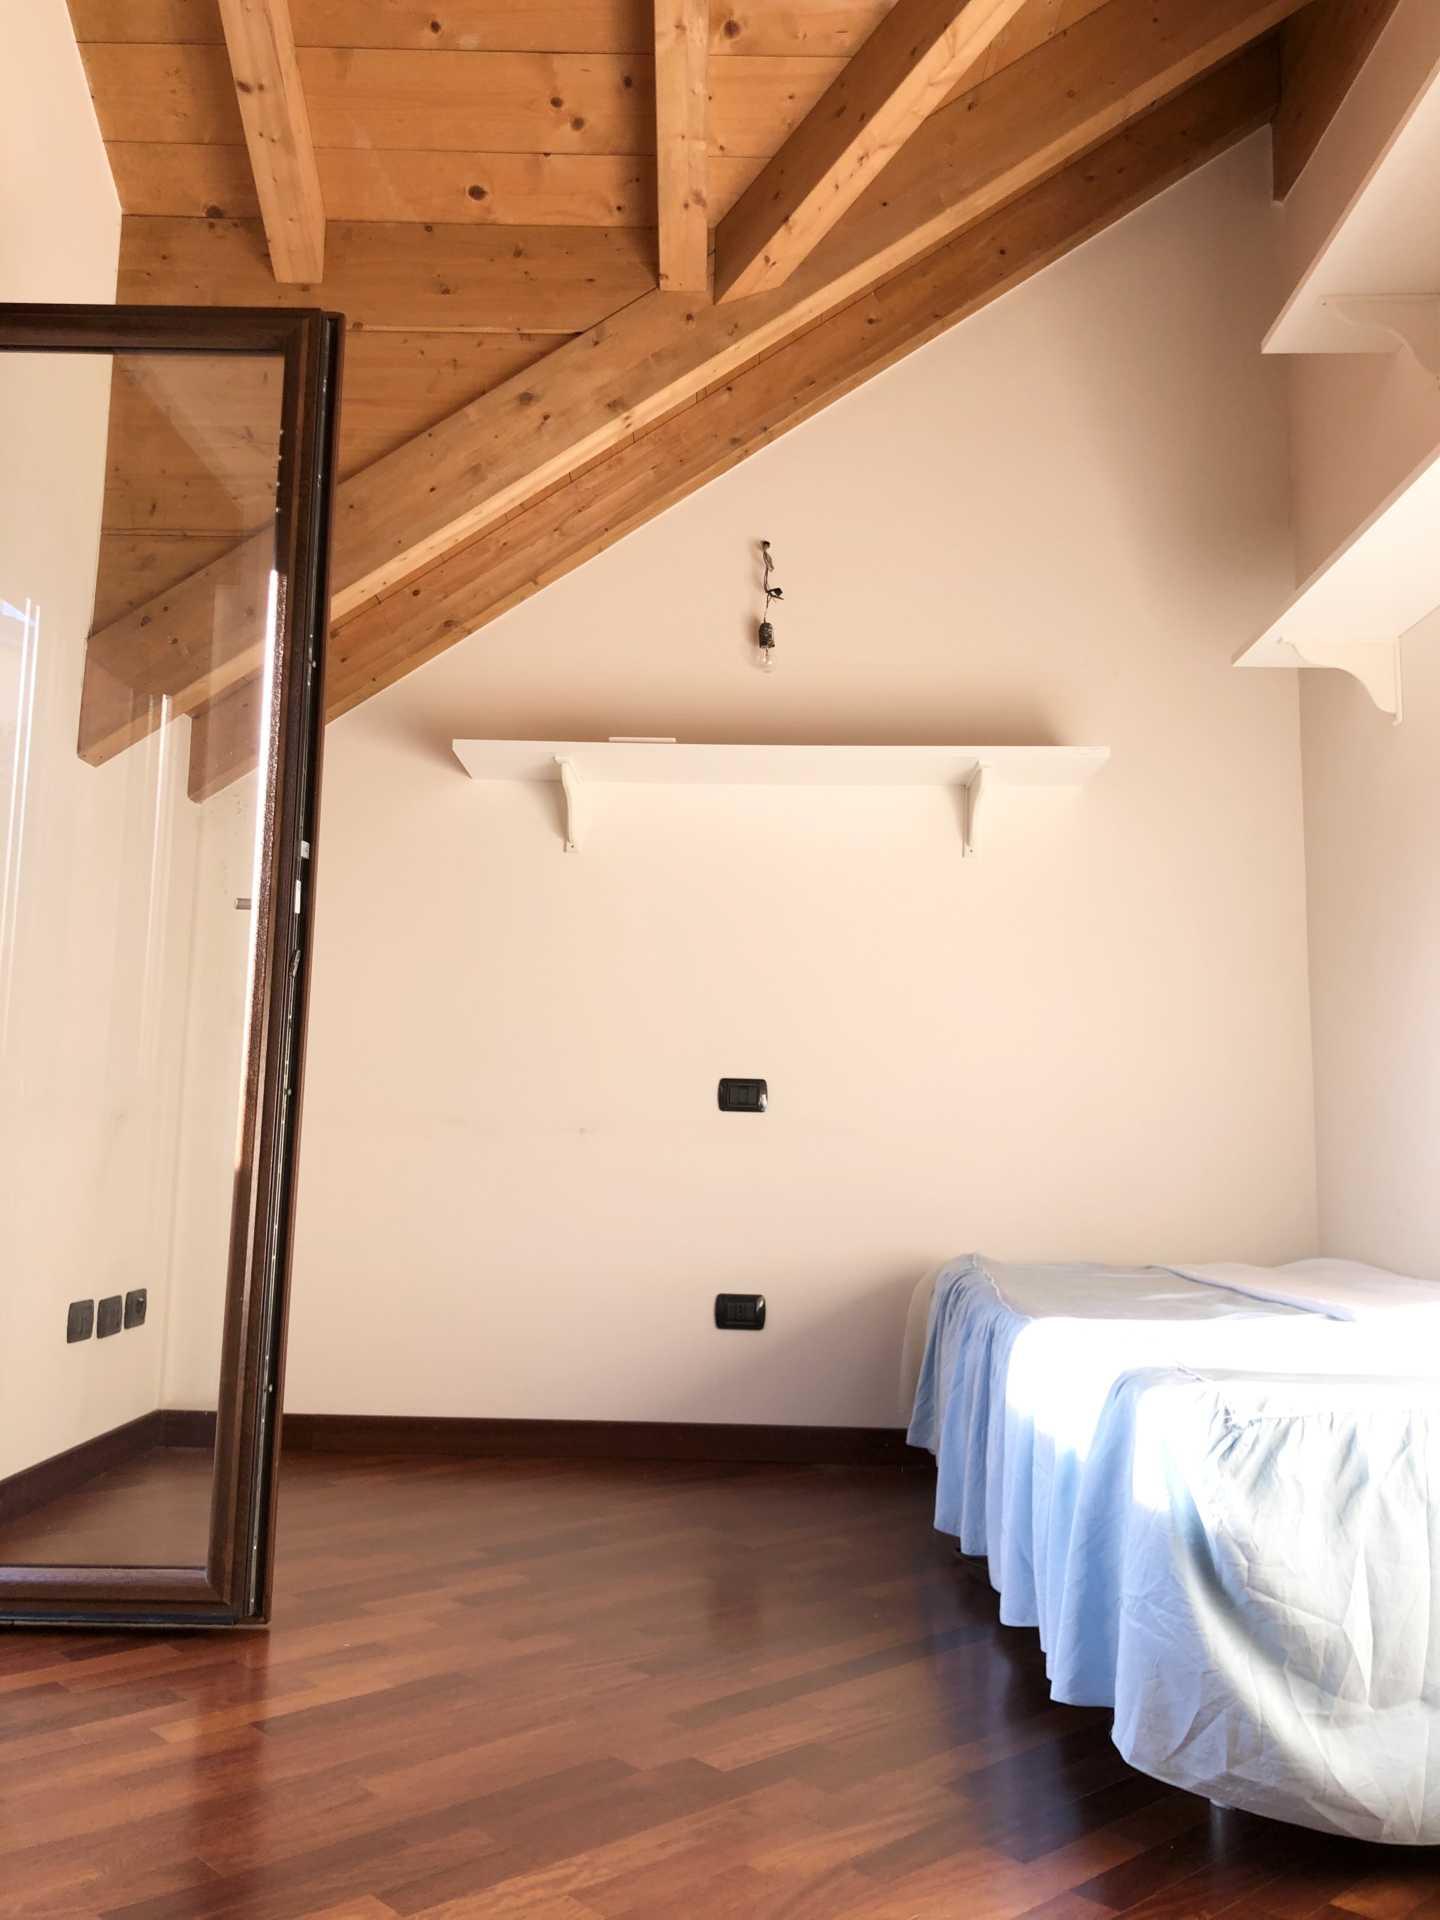 4-locali-con-terrazzo-in-vendita-a-San-Giuliano-Milanese (2)